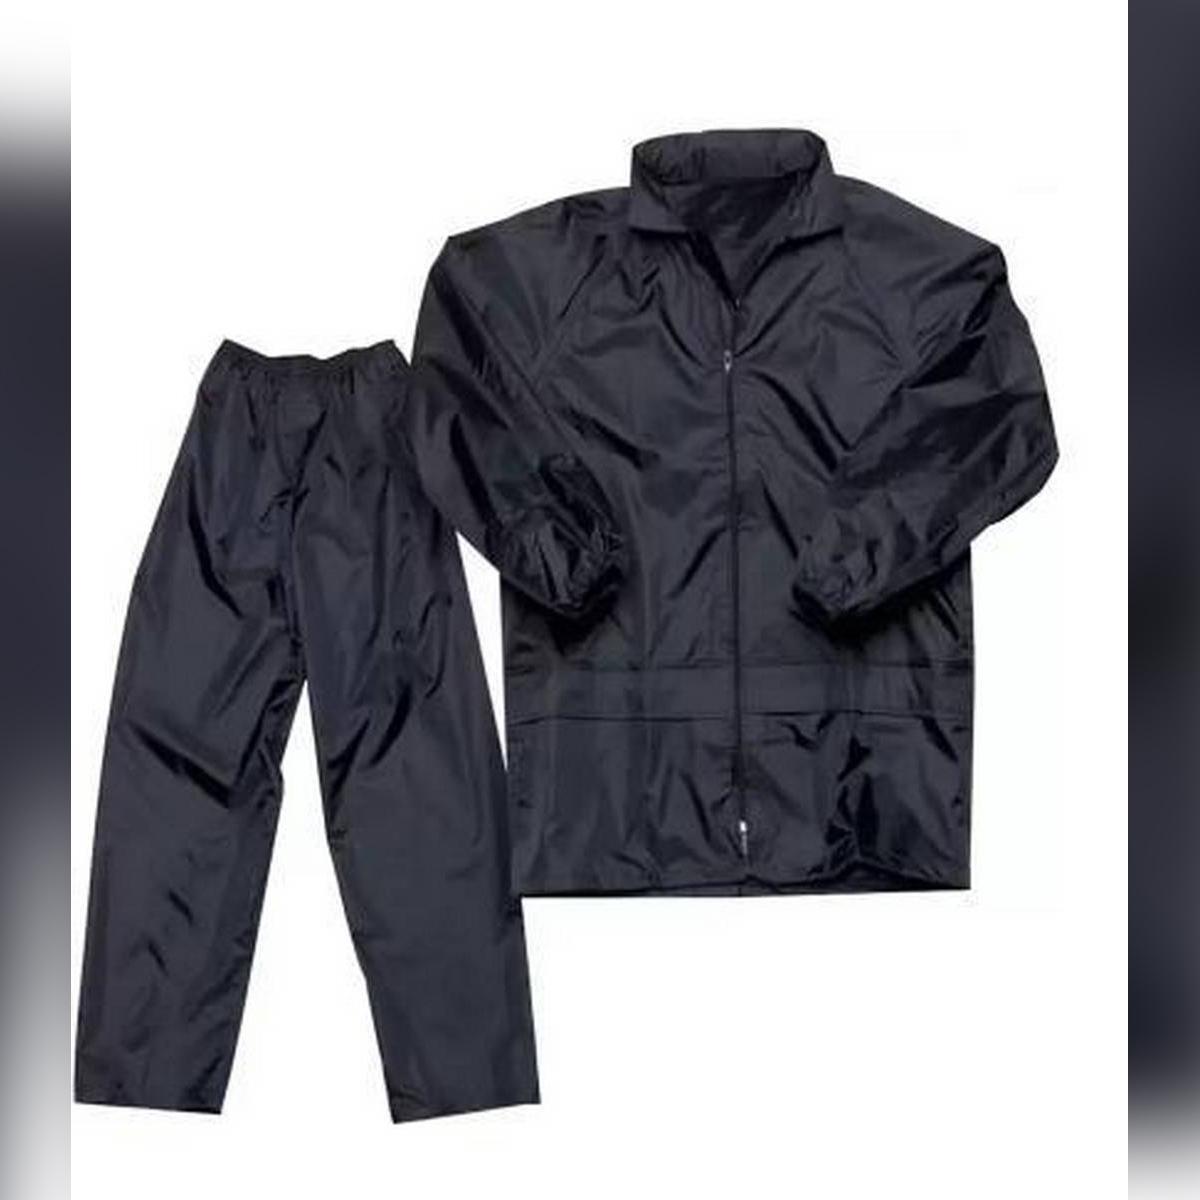 Rain Suit for Men (Jacket and Pant), Raincoat for UNISEX